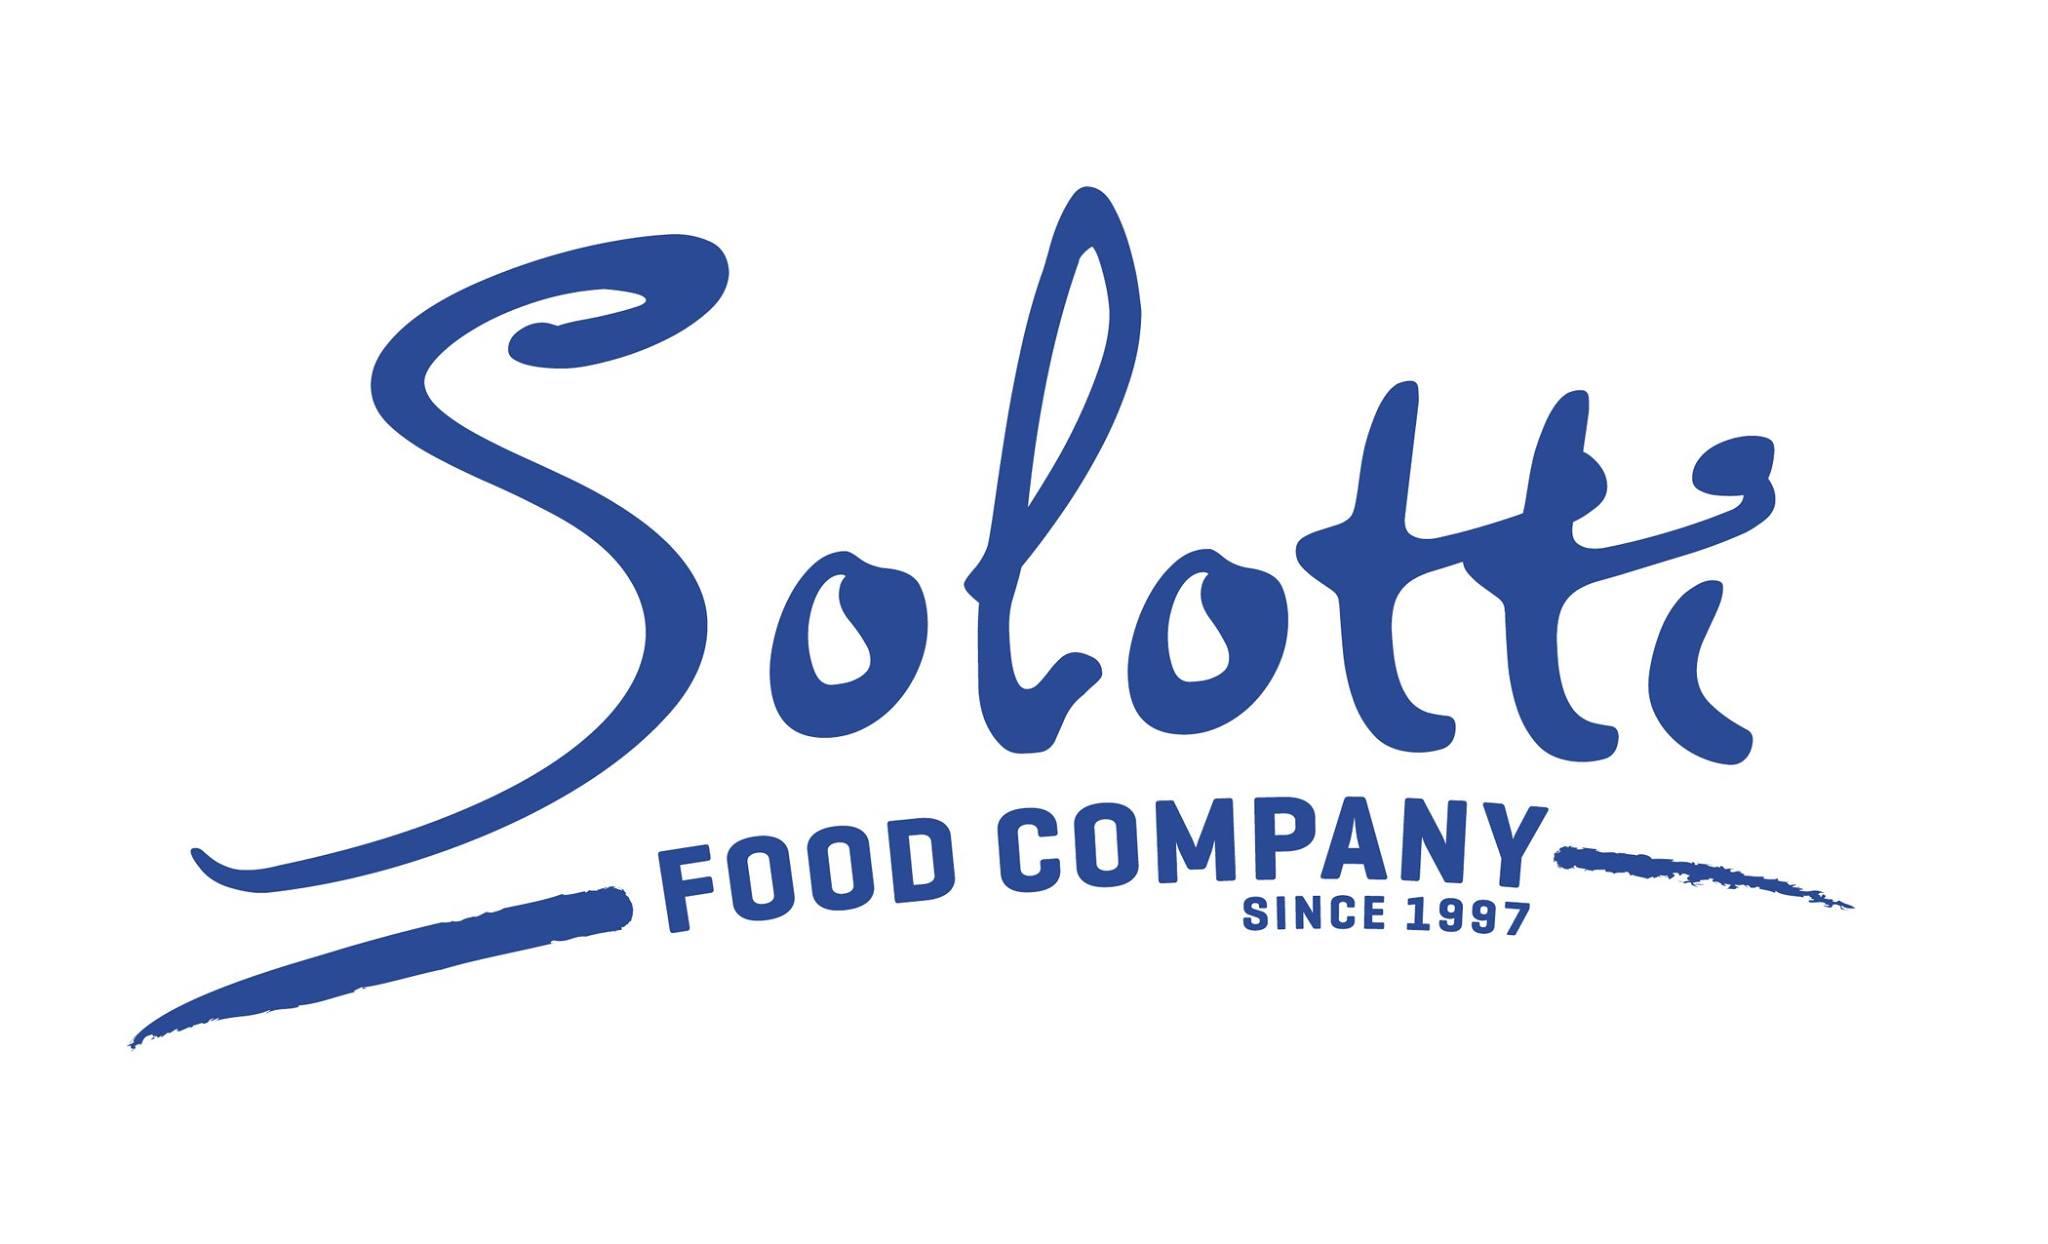 Solotti Food Company